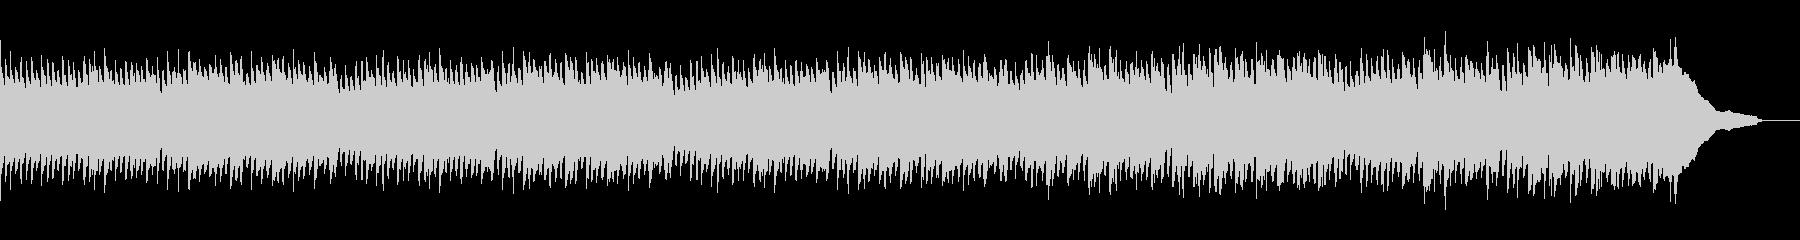 Corporate Piano 134の未再生の波形